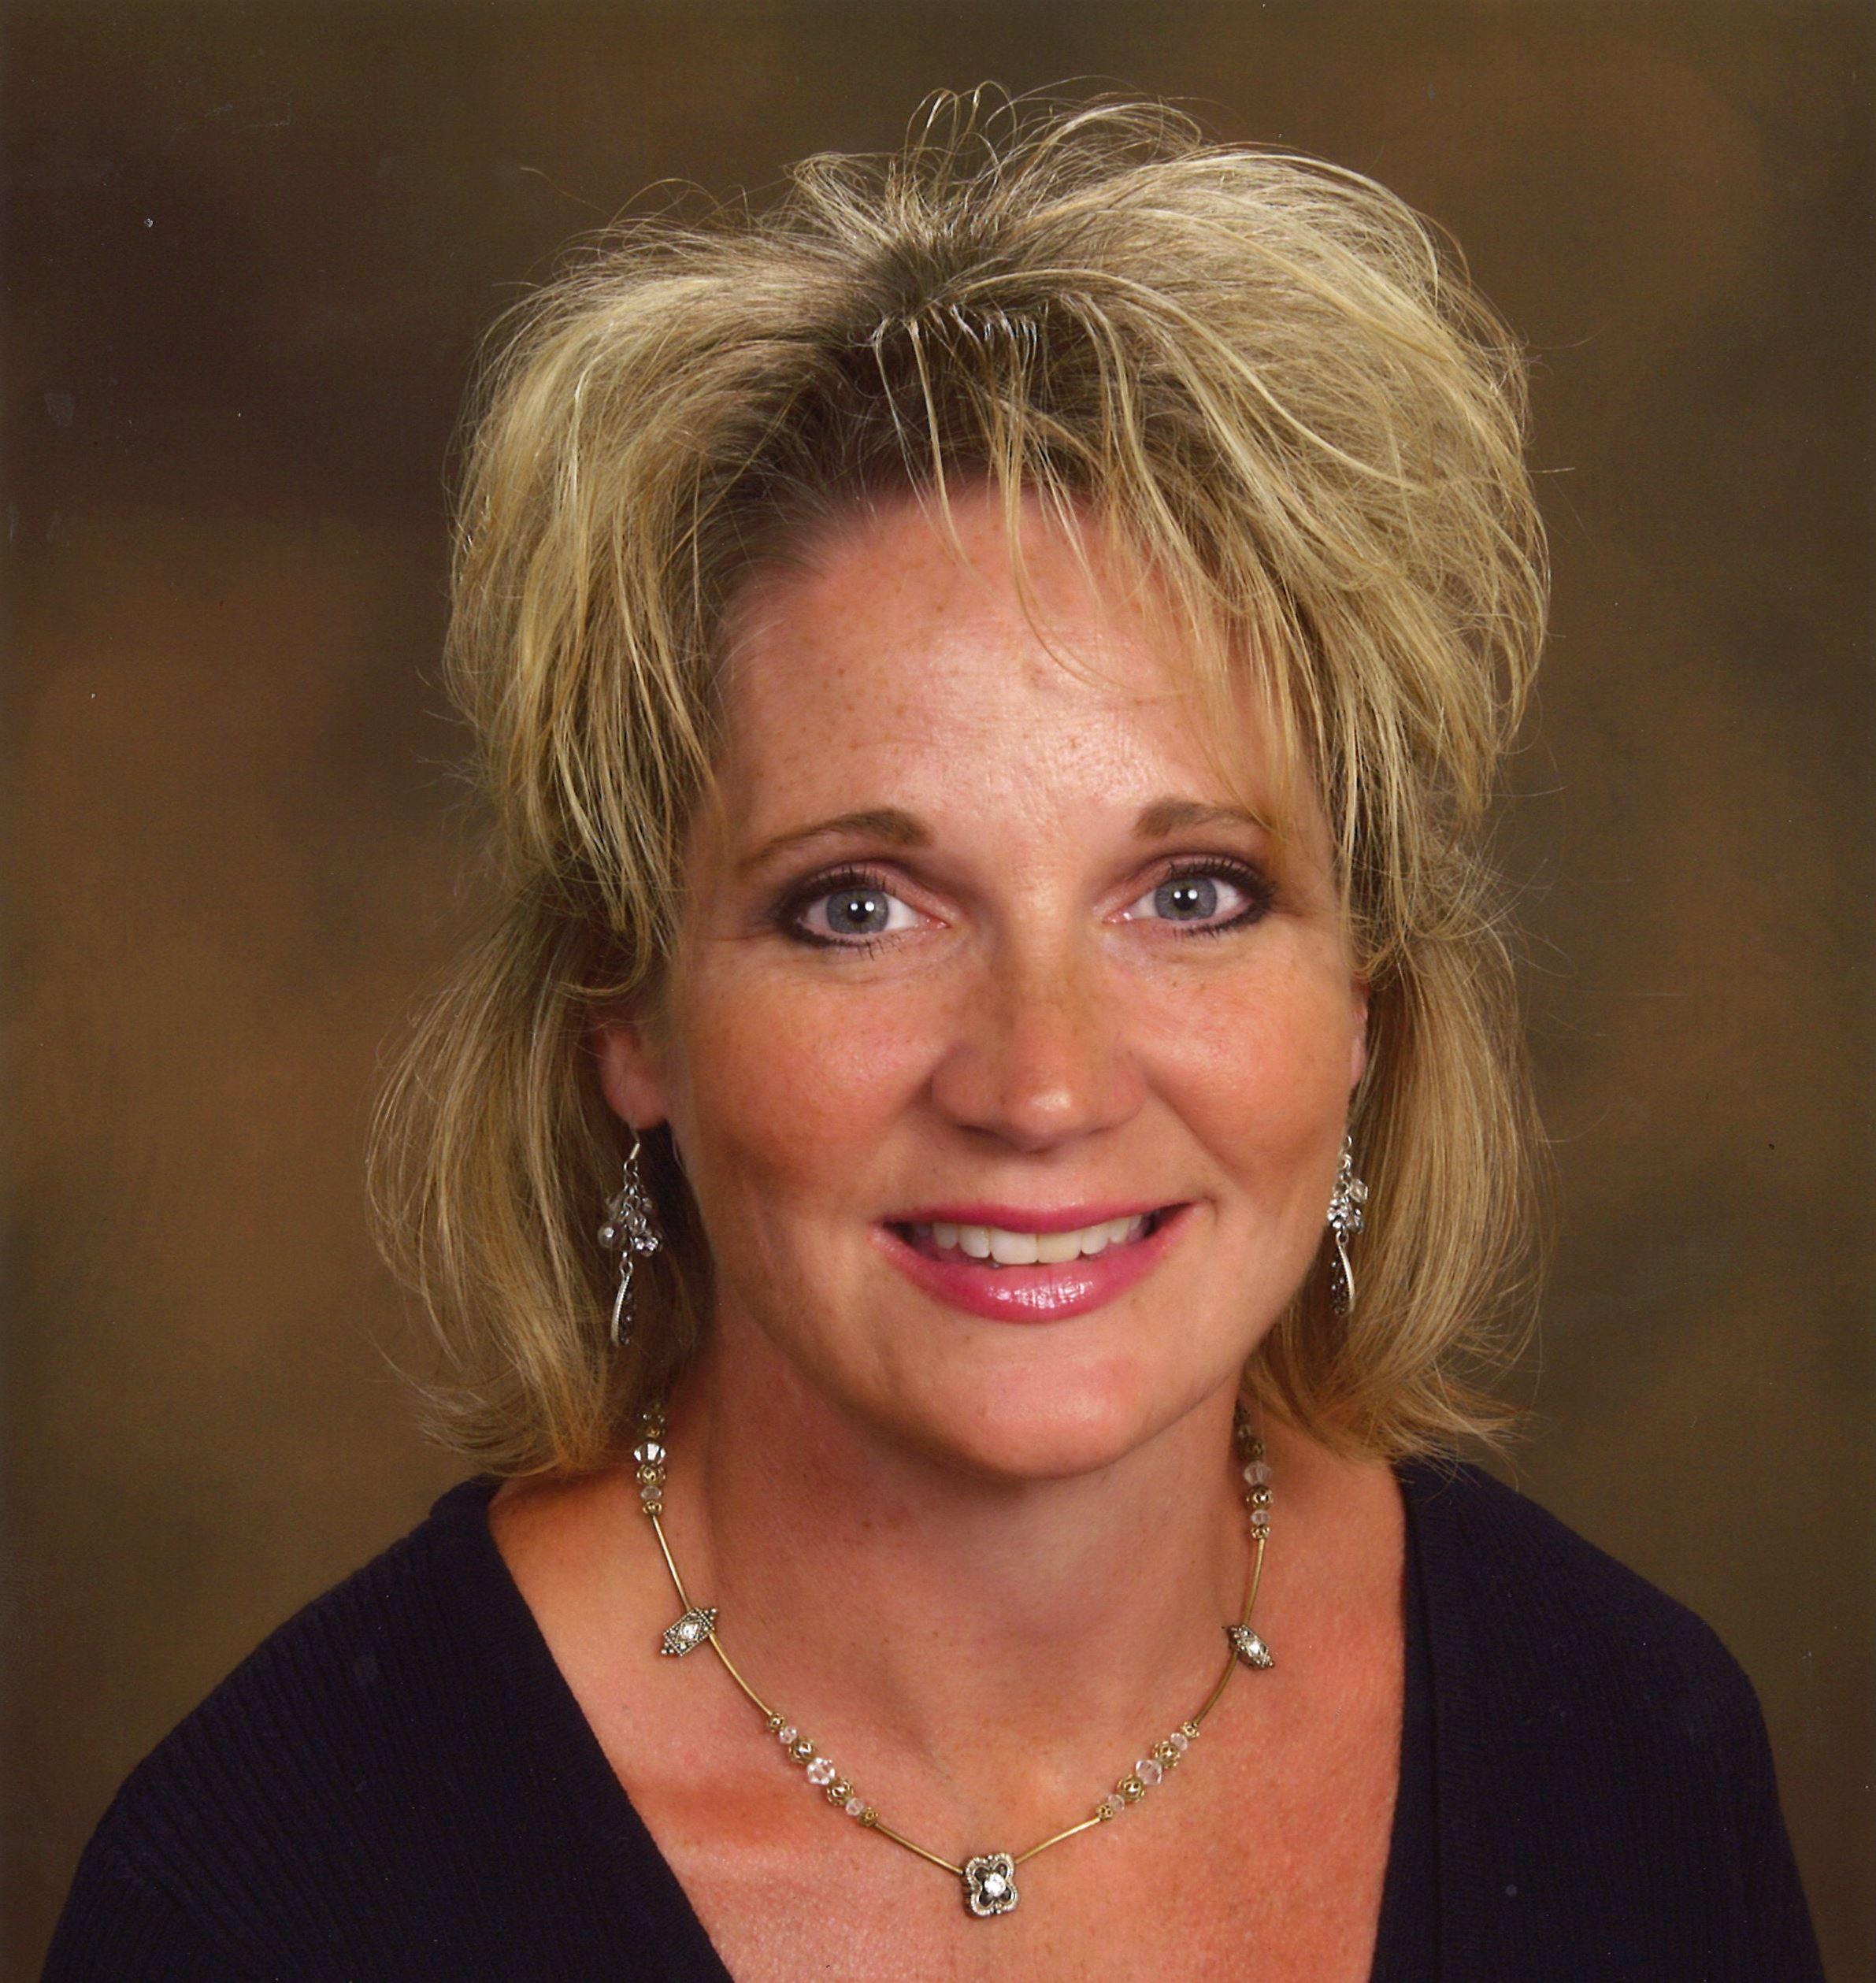 Image of Kara Booker